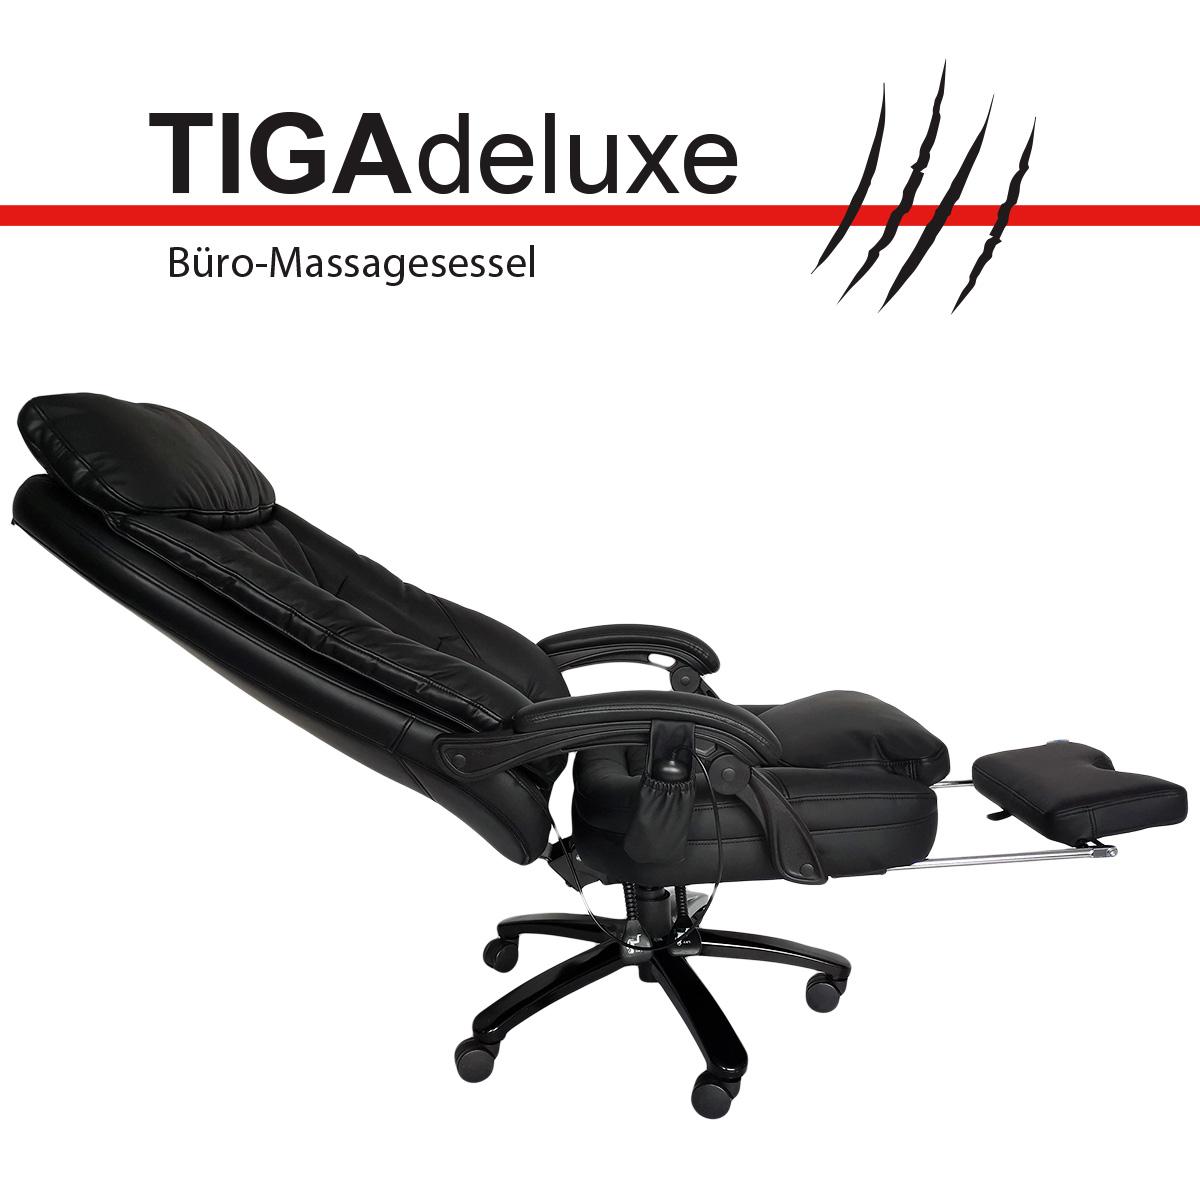 @tec Tiga Deluxe Bürostuhl mit Massagefunktion, Shiatsu Chefsessel, Relax Bürosessel mit kräftigen Shiatsumassage mit 4 rotierenden Massageköpfen